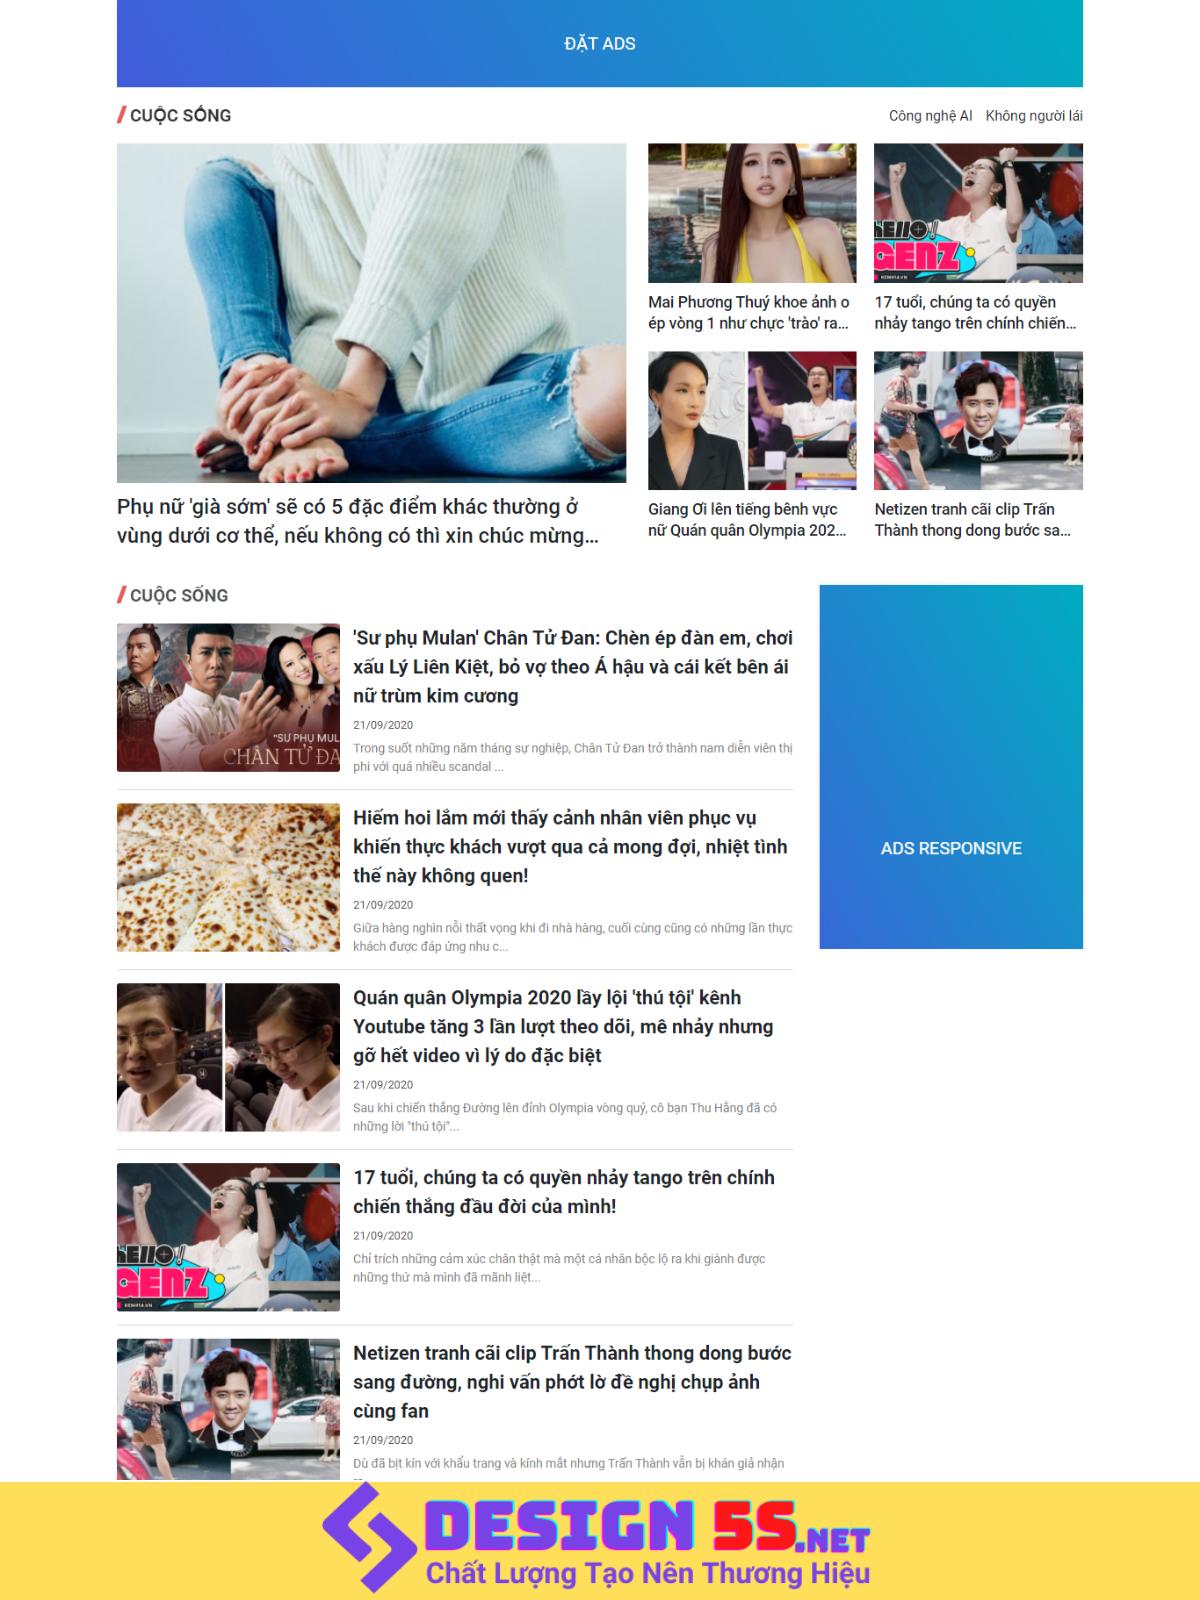 Theme blogspot tin tức atn, đẹp, chuẩn SEO - Ảnh 2